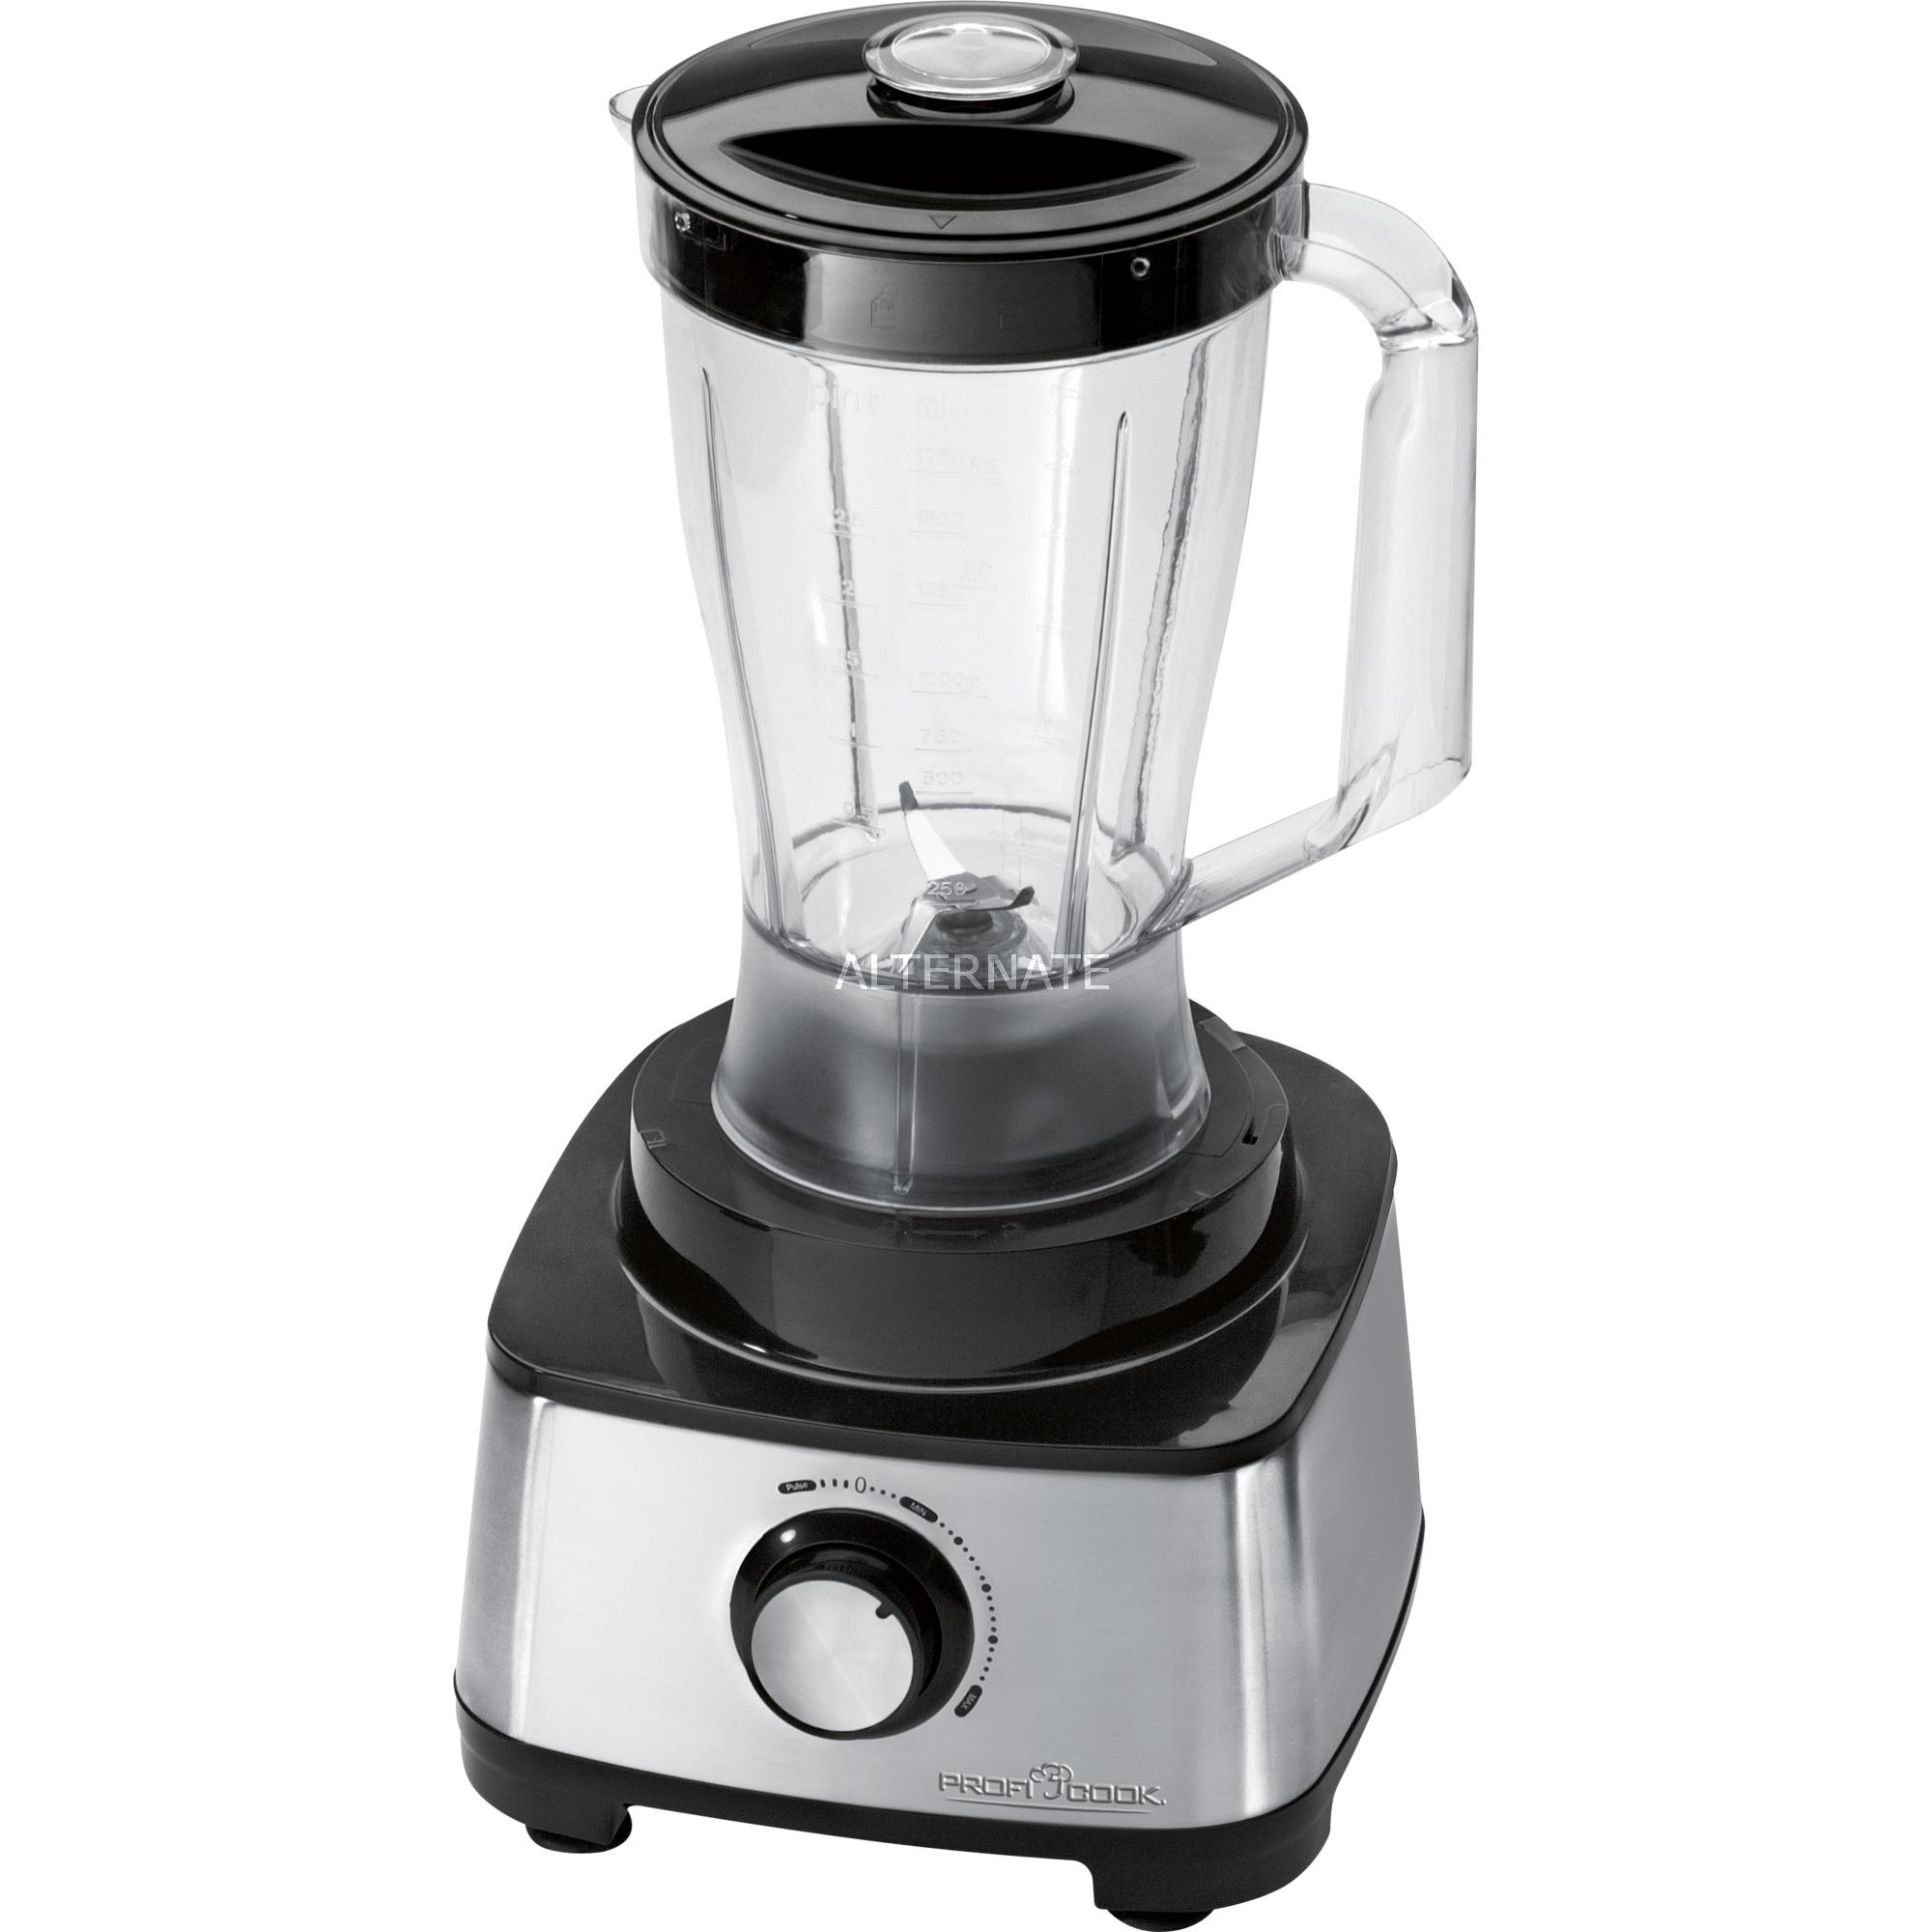 PC-KM 1063 1200W 1.75L Negro, Acero inoxidable robot de cocina